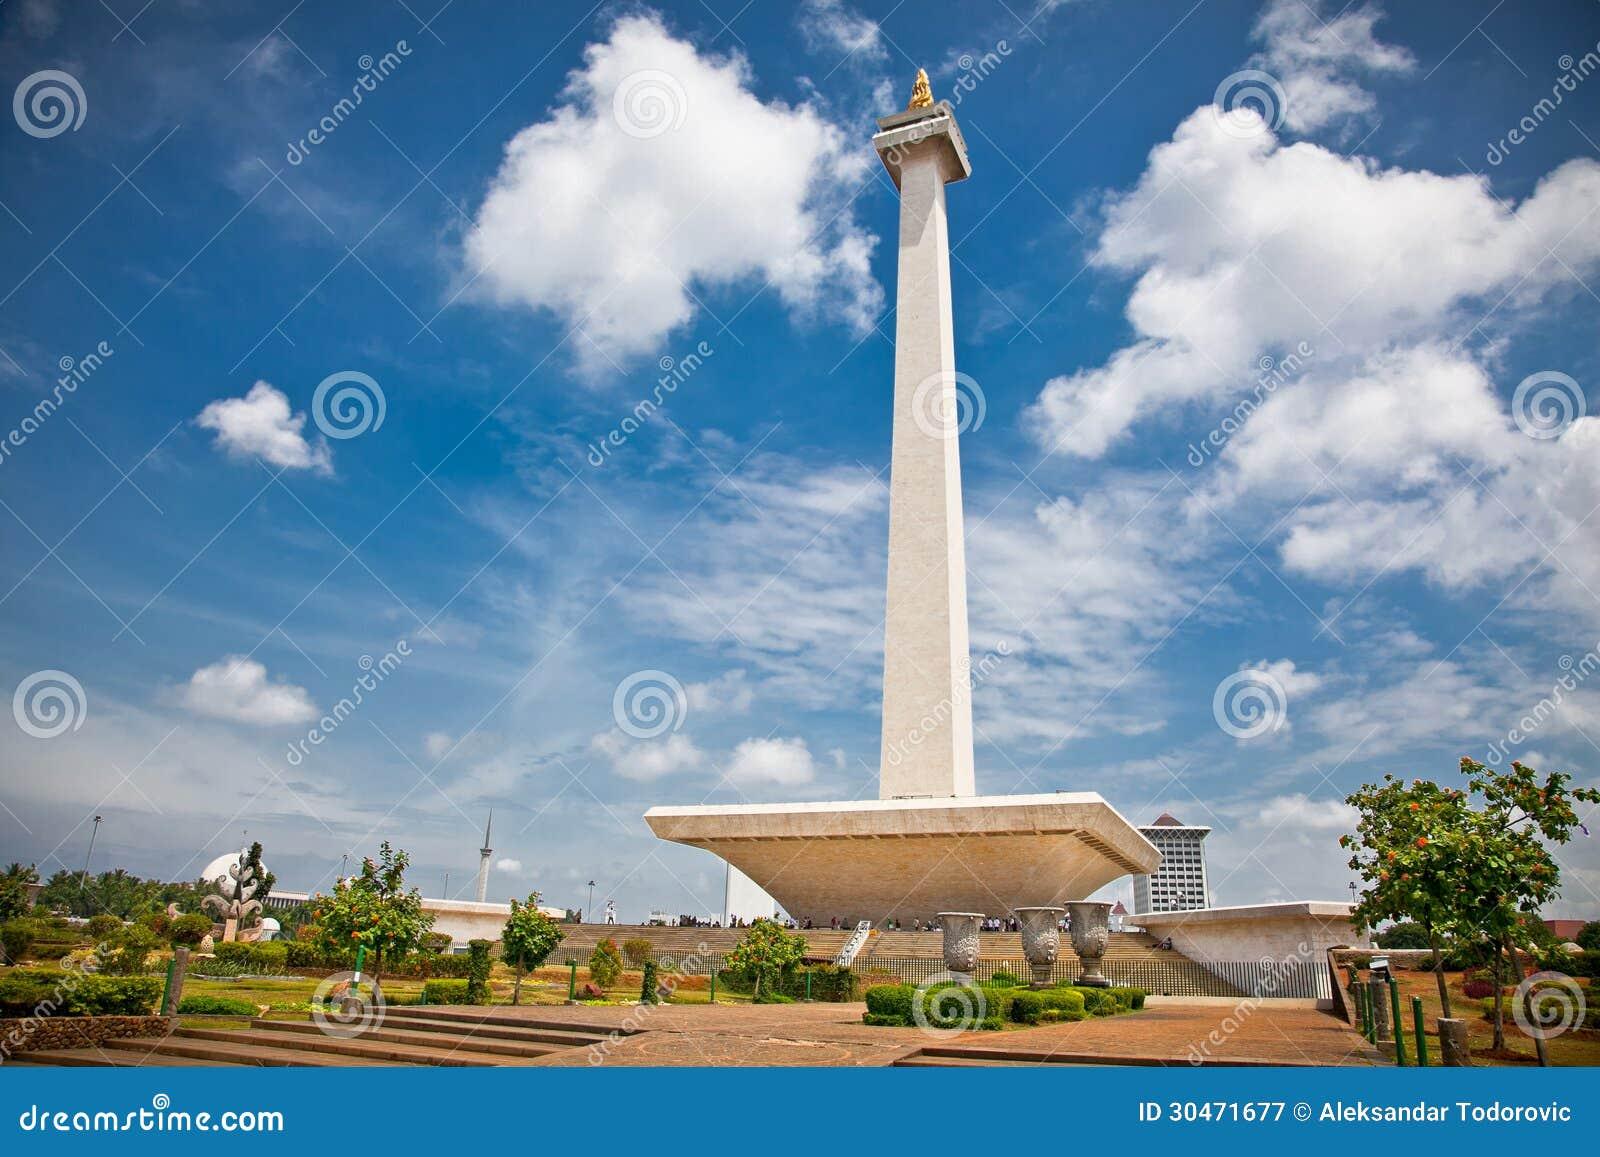 Nationaal Monument Monas. Merdekavierkant, Djakarta, Indonesië